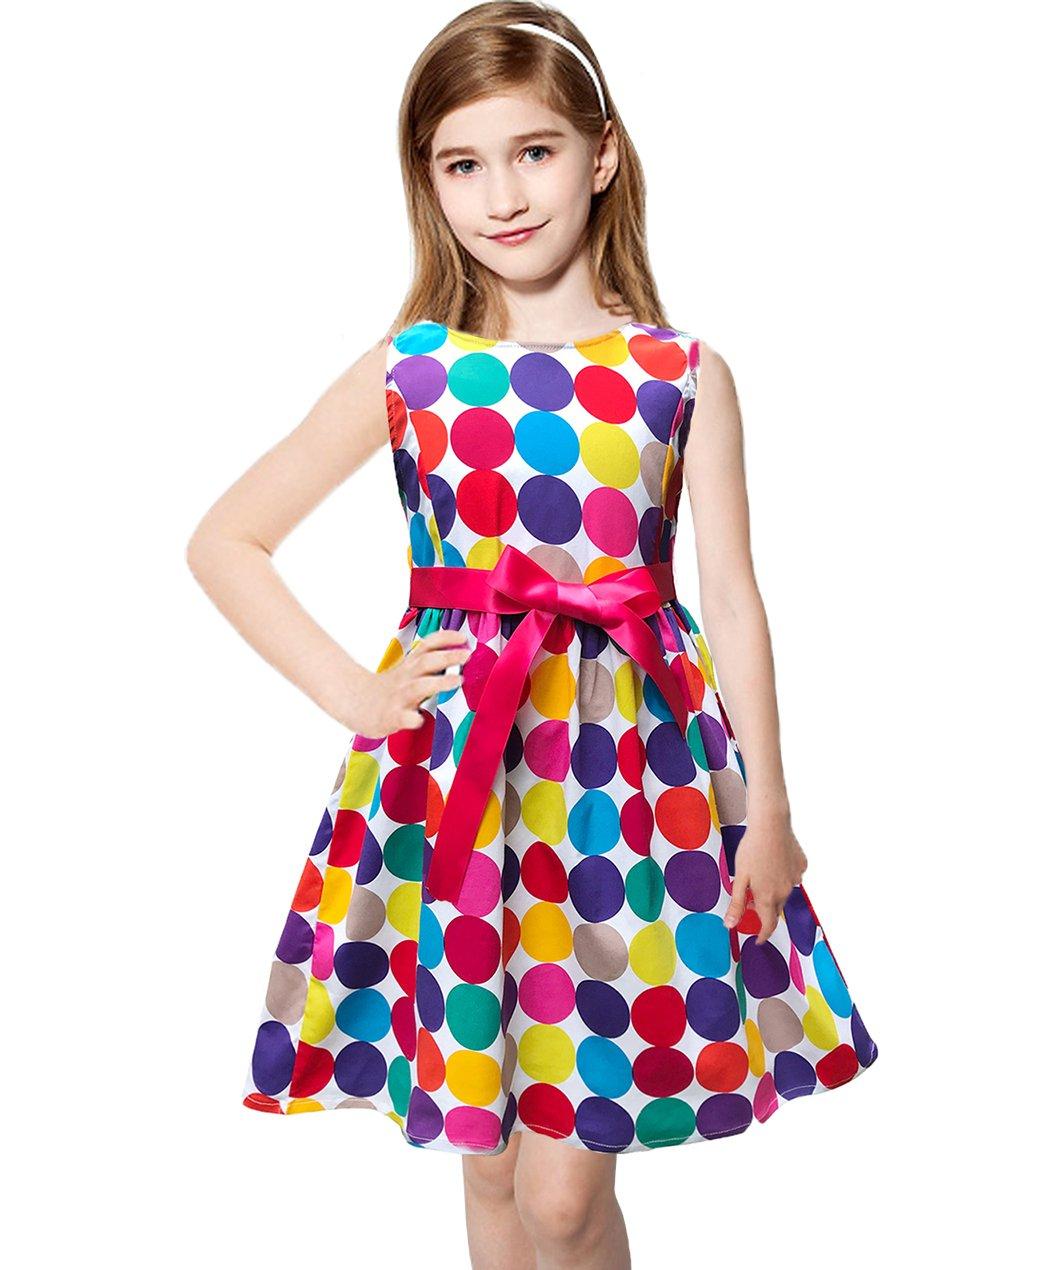 Abalaco Girls 100% Cotton colorful Polka Summer Sleeveless Sundress Tutu Dress 2-8T (6-7 Years)